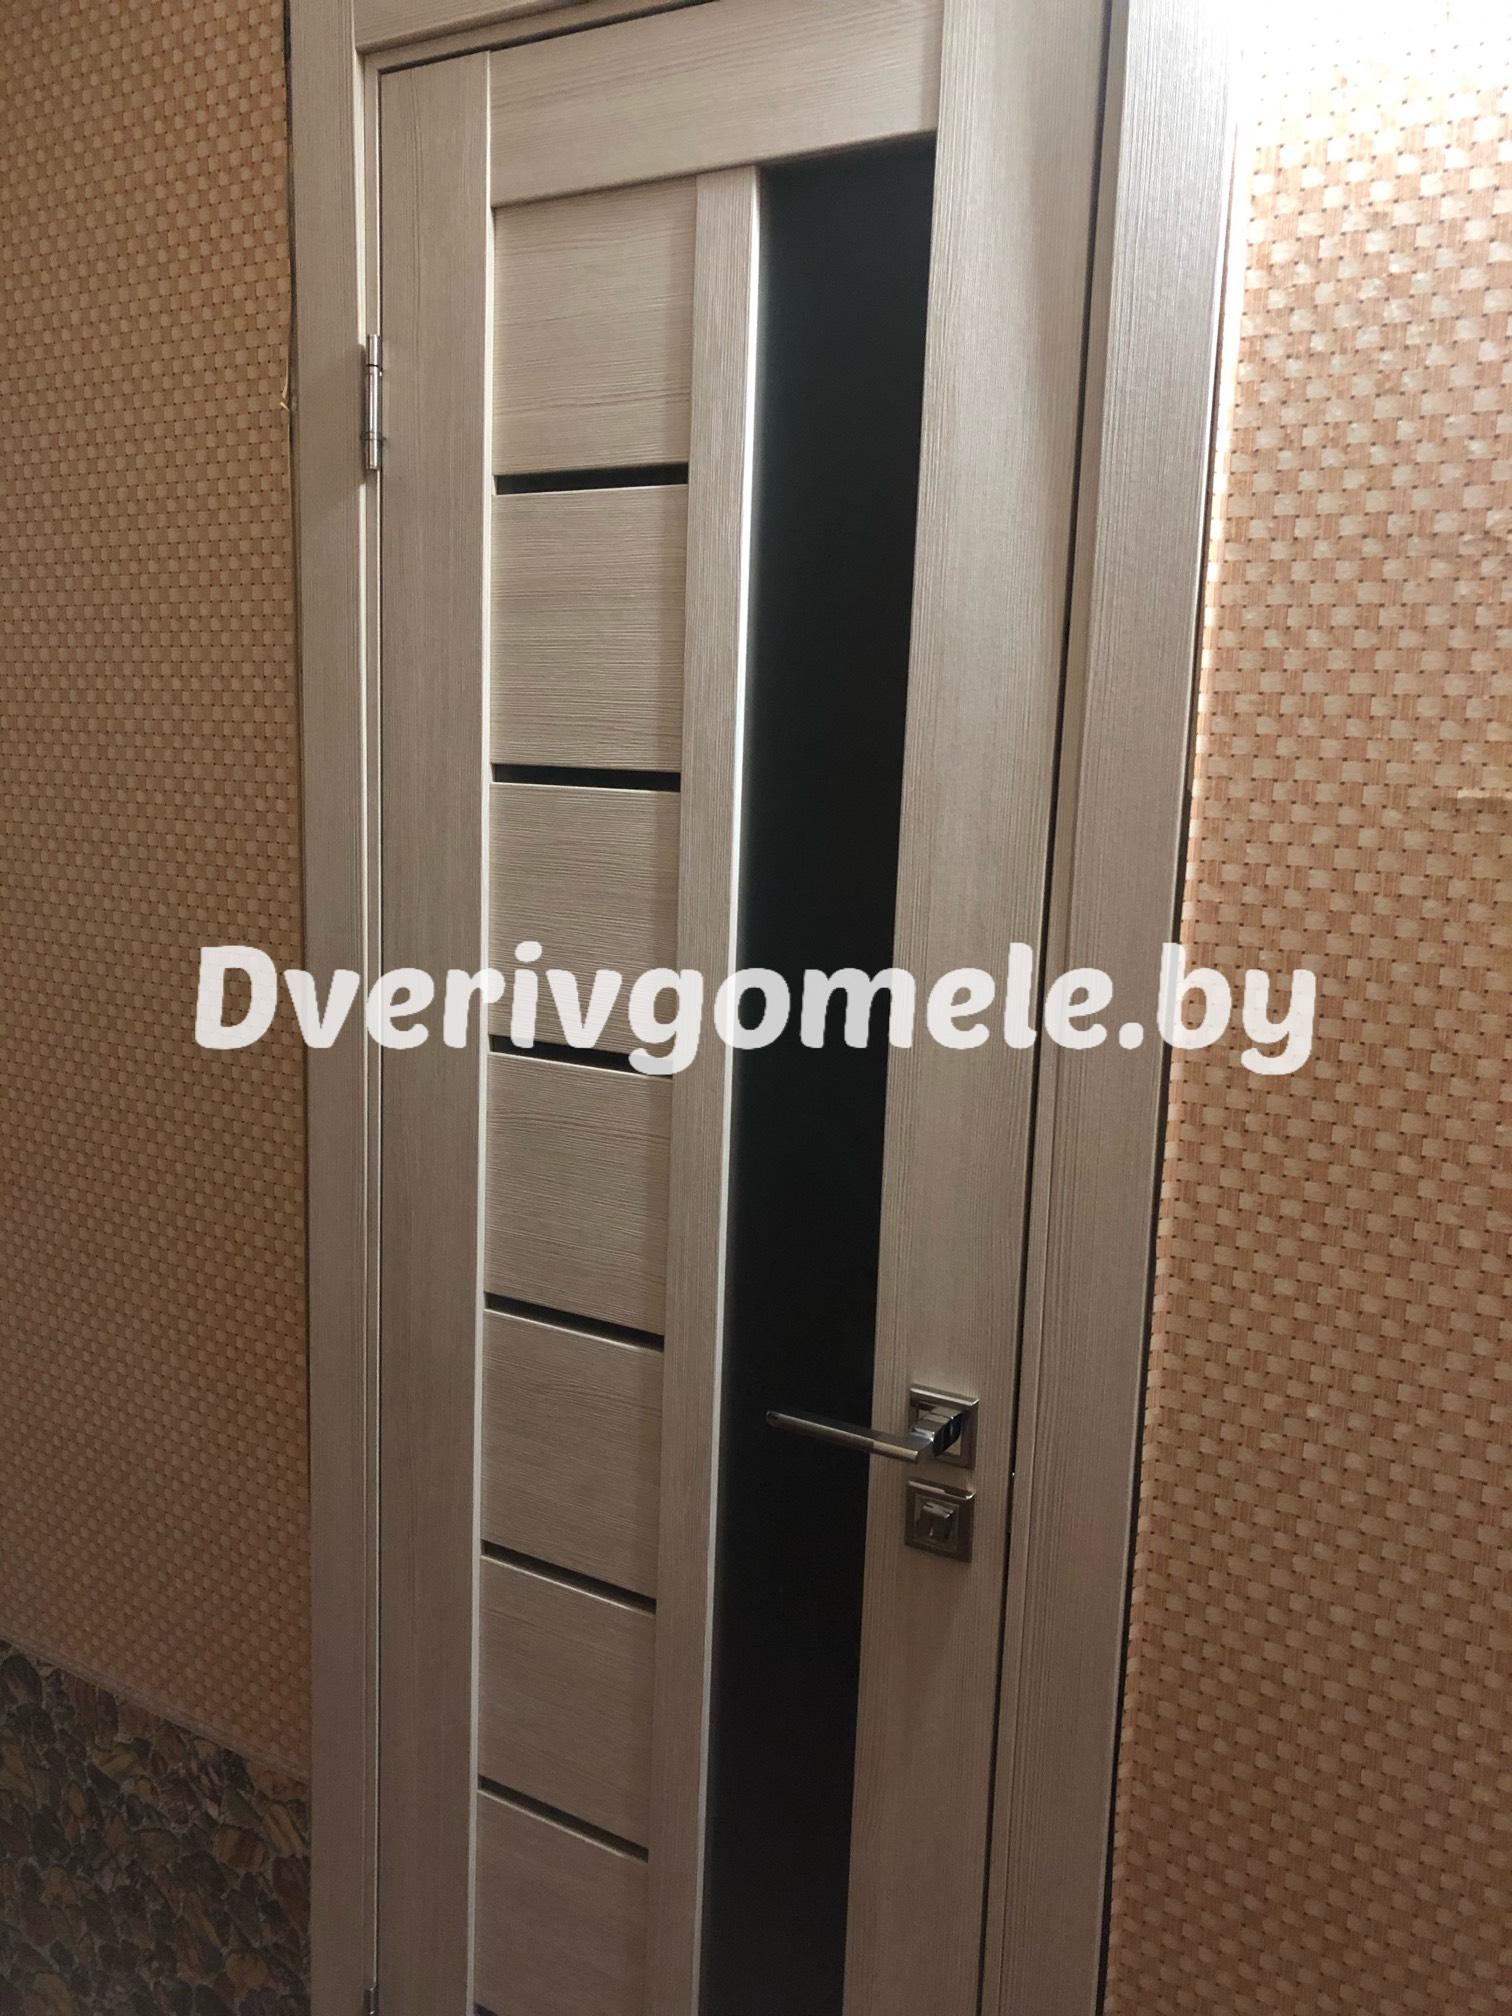 Дверь эльпорта 27